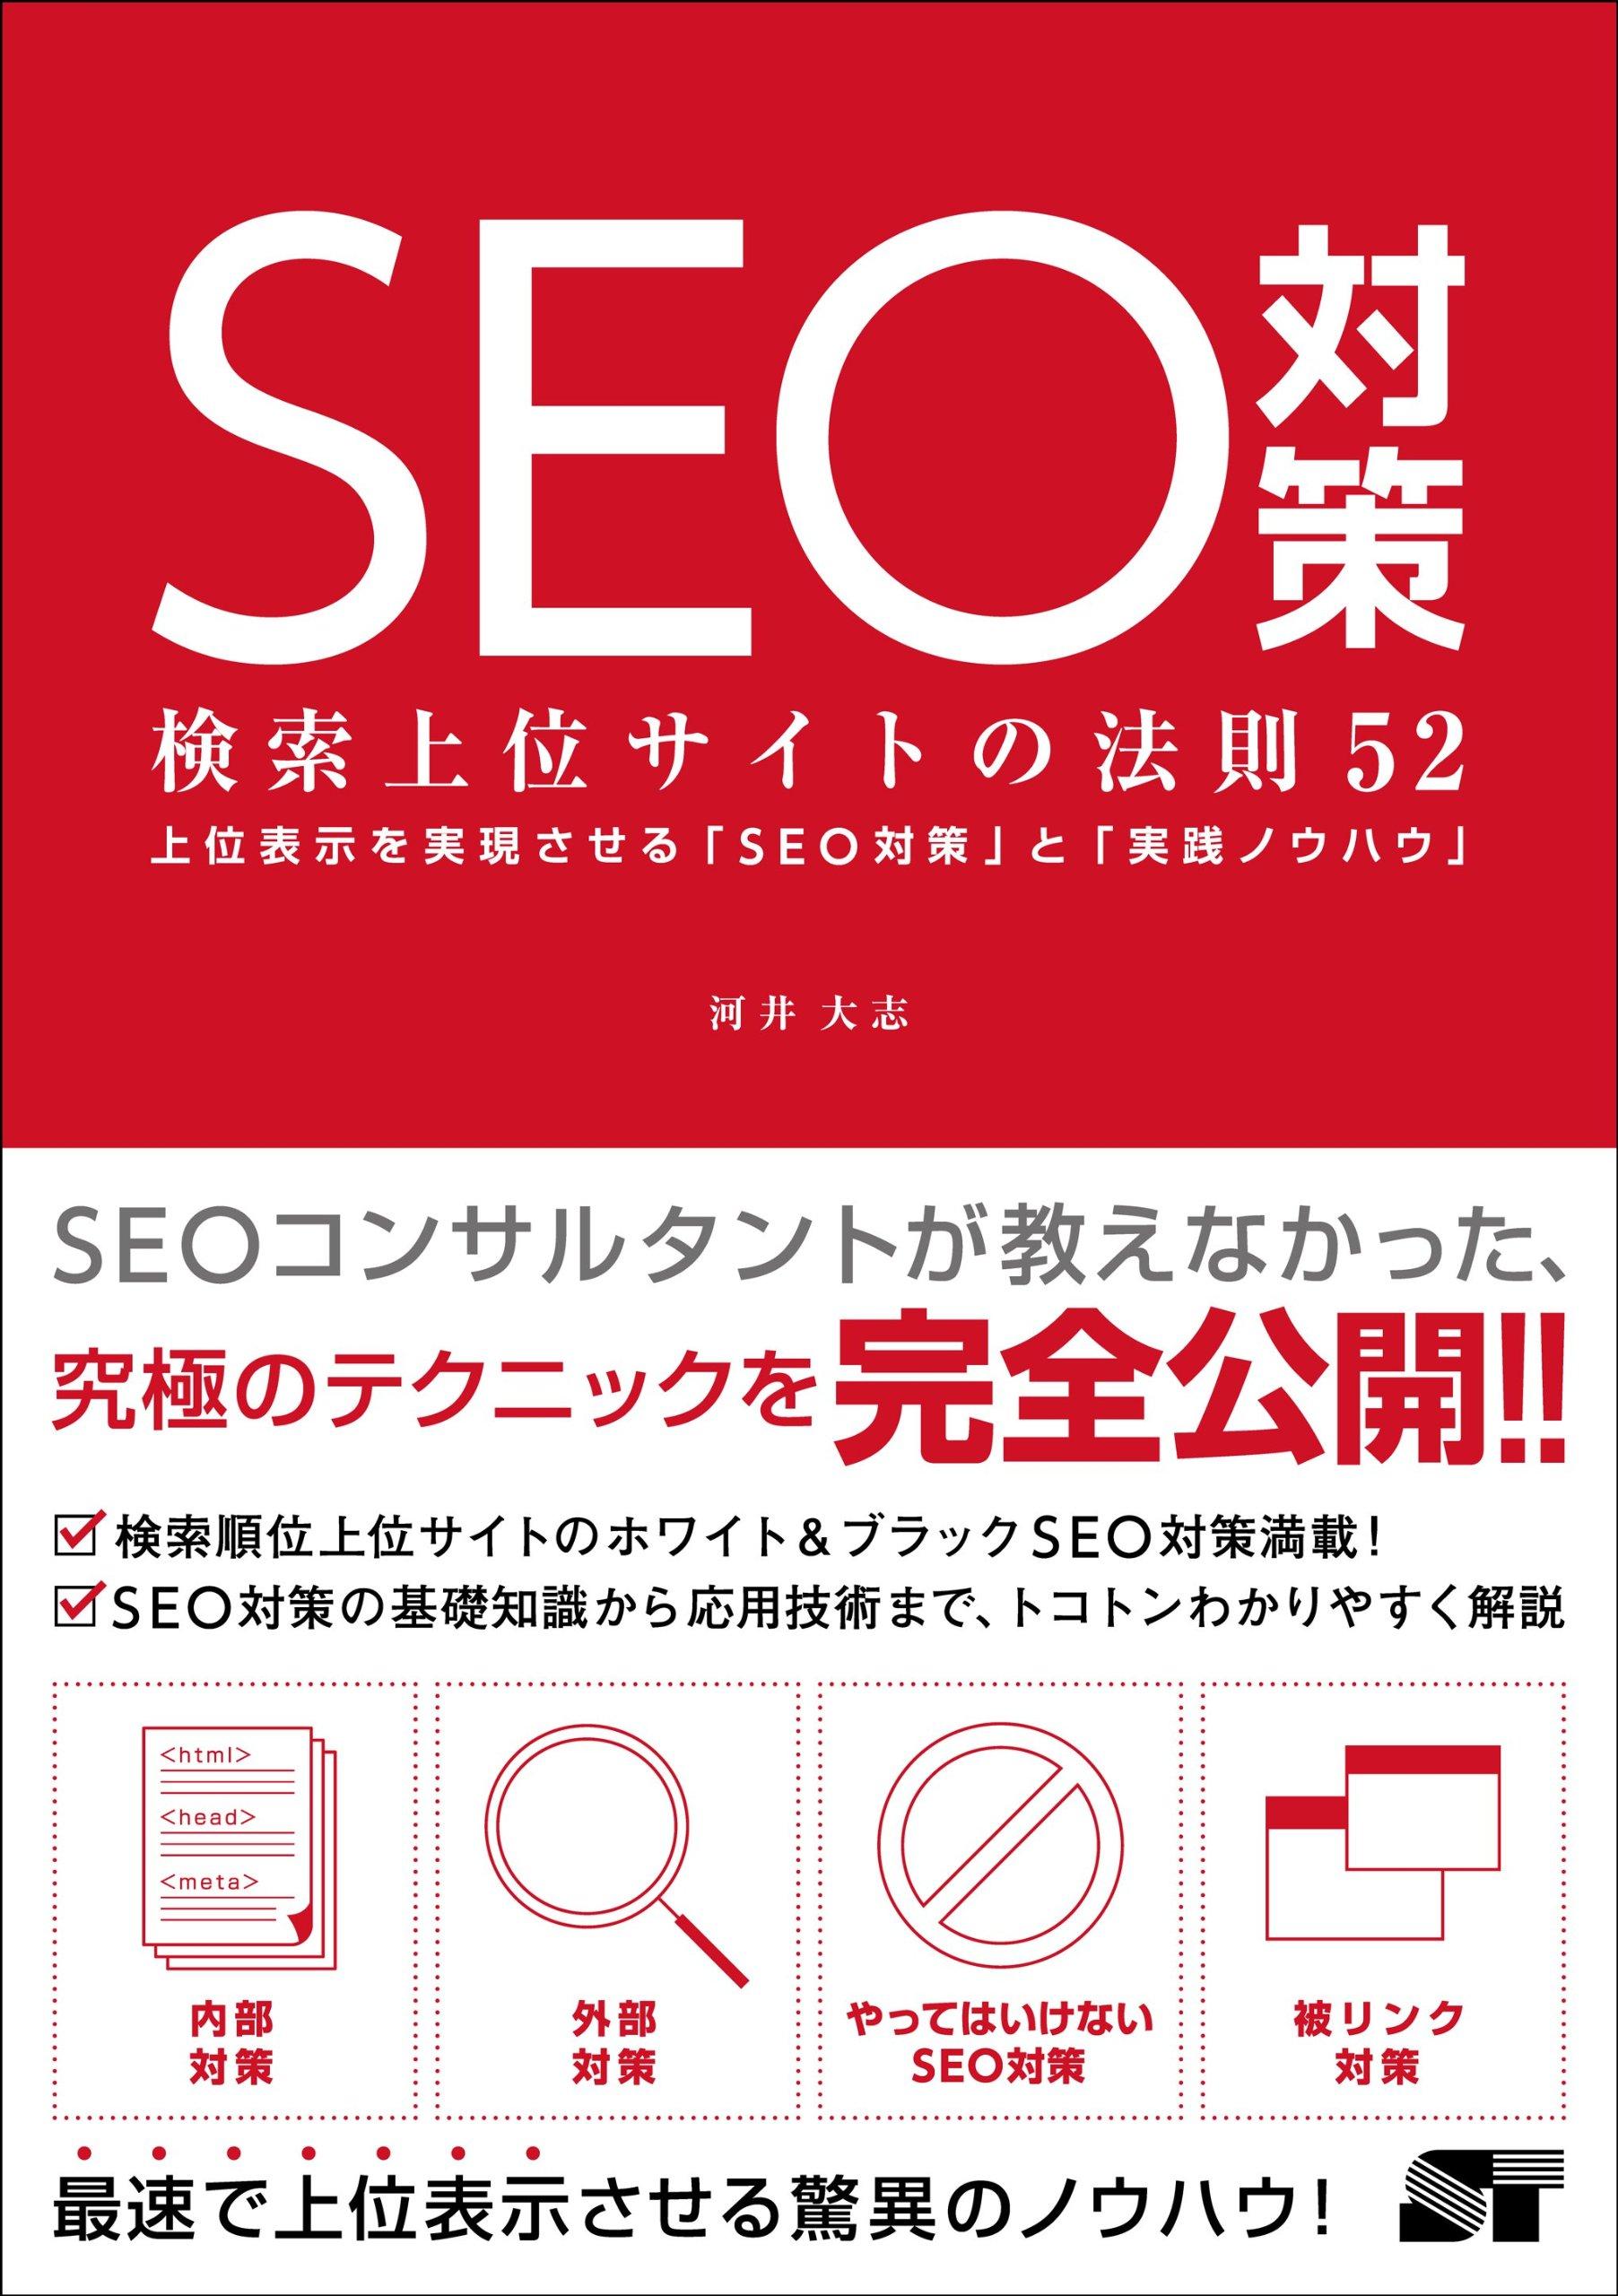 Read Online Esuio taisaku : Kensaku joi saito no hosoku gojuni : Joi hyoji o jitsugen saseru esuio taisaku to jissen nouhau. ebook